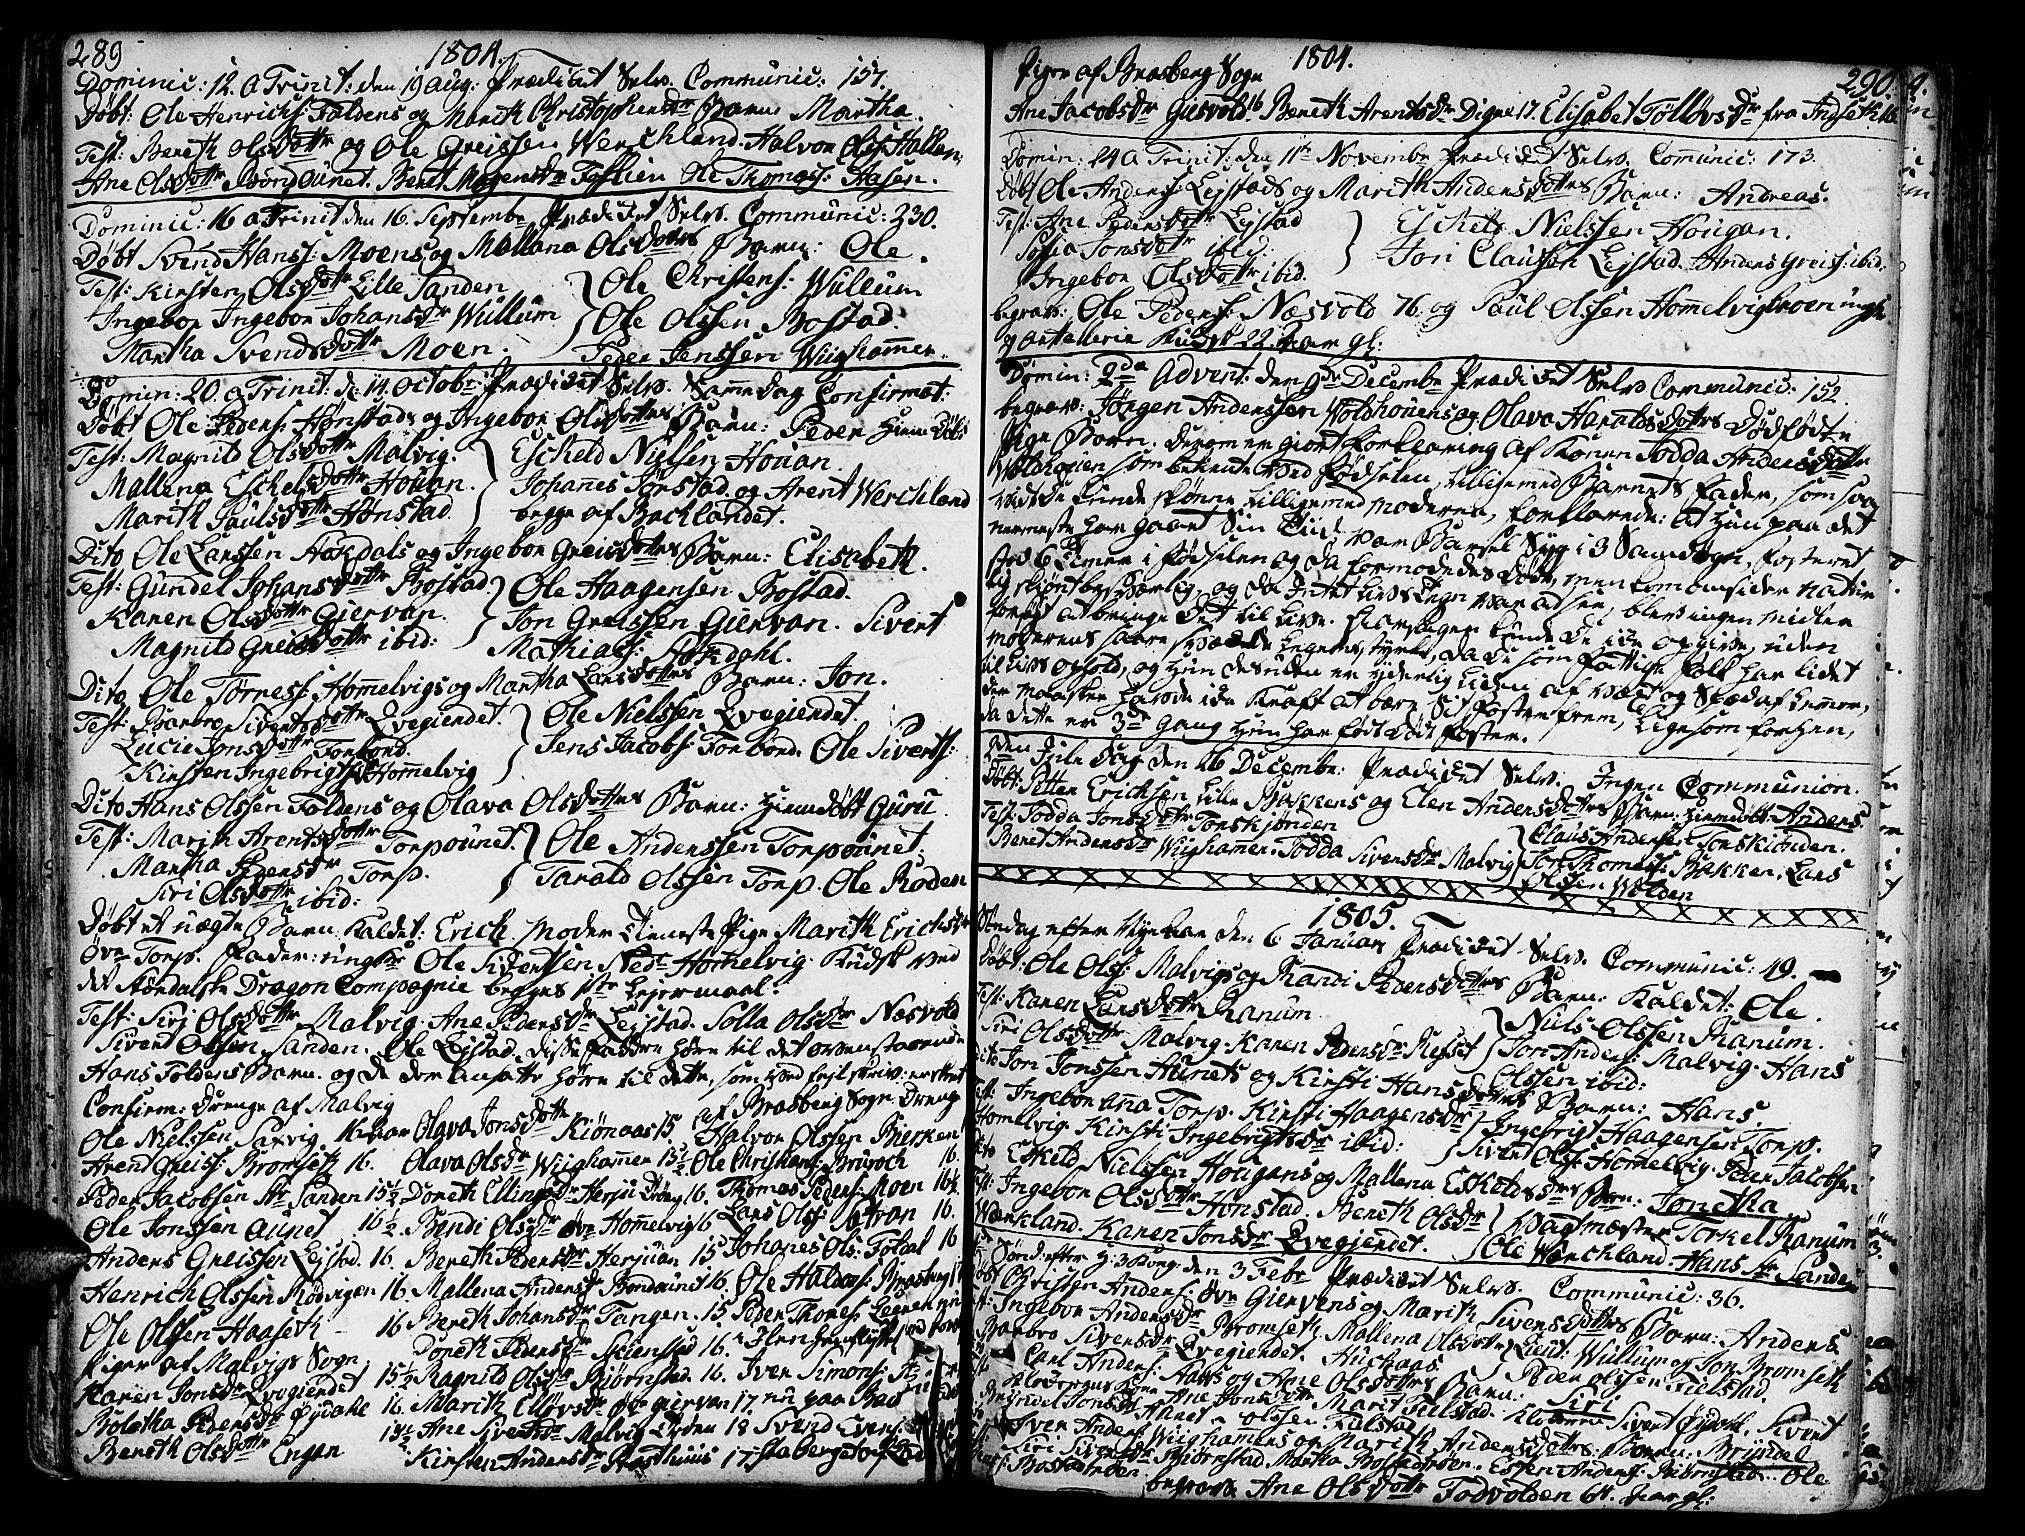 SAT, Ministerialprotokoller, klokkerbøker og fødselsregistre - Sør-Trøndelag, 606/L0281: Ministerialbok nr. 606A02 /2, 1781-1817, s. 289-290